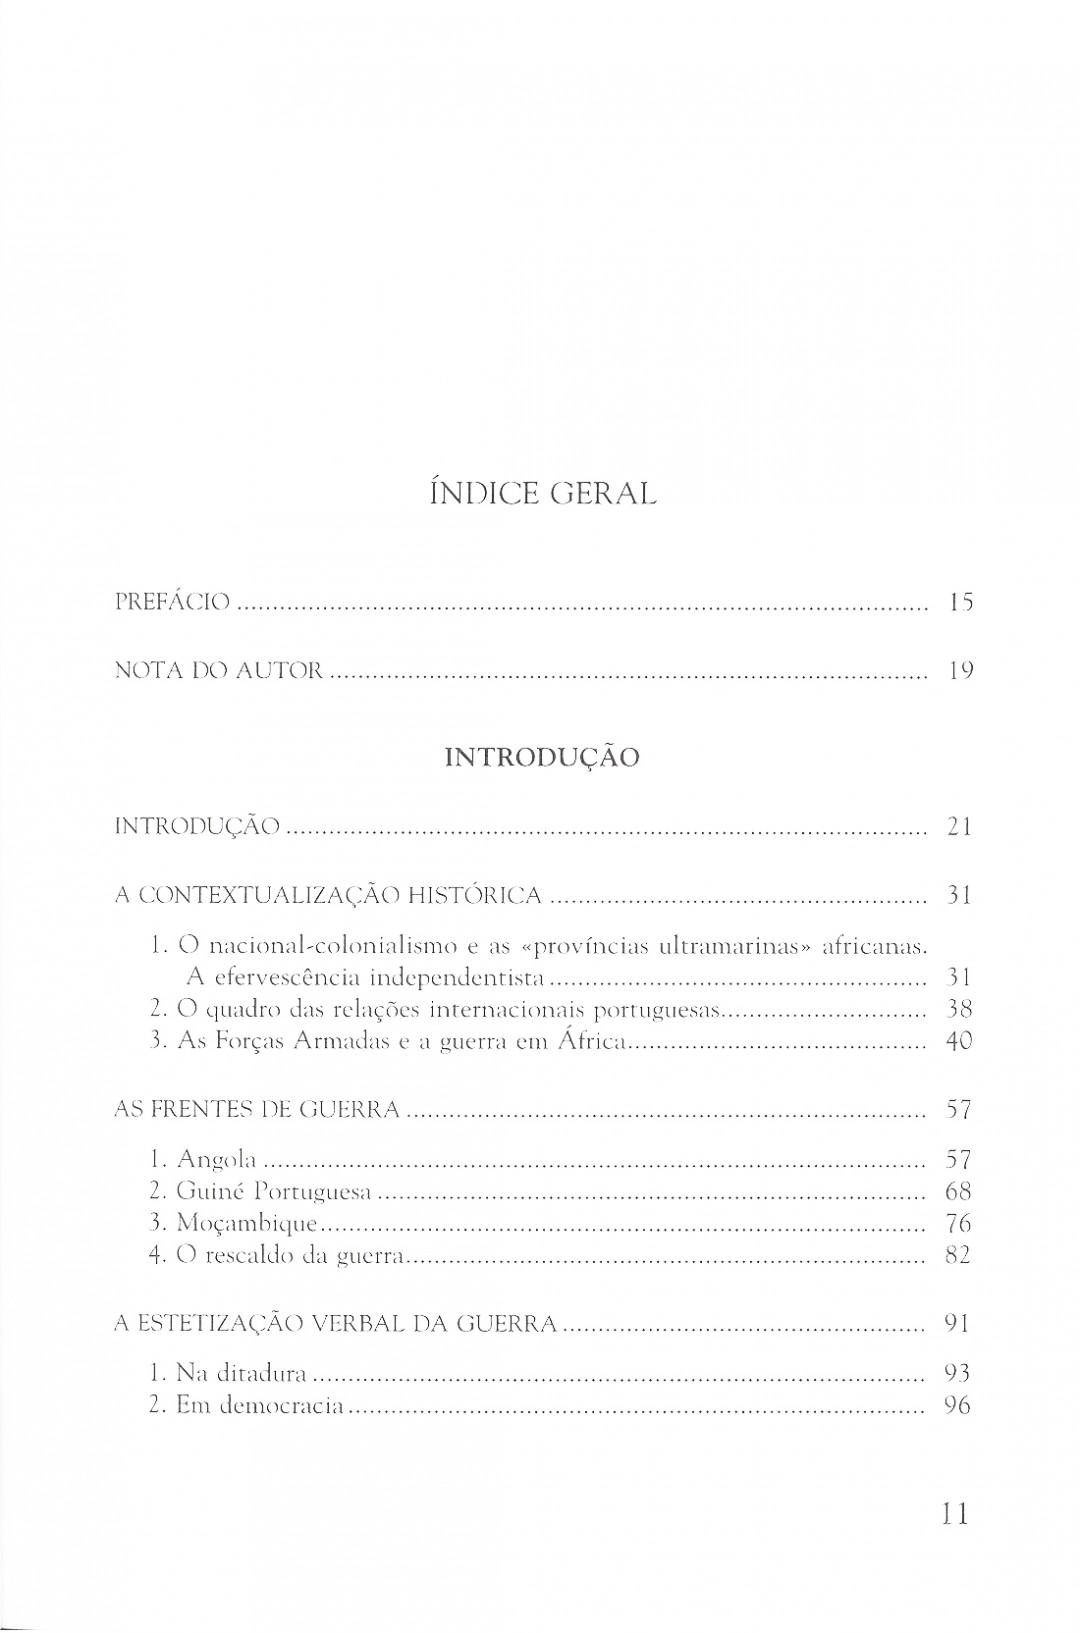 2. A Guerra Colonial e o Romance Português